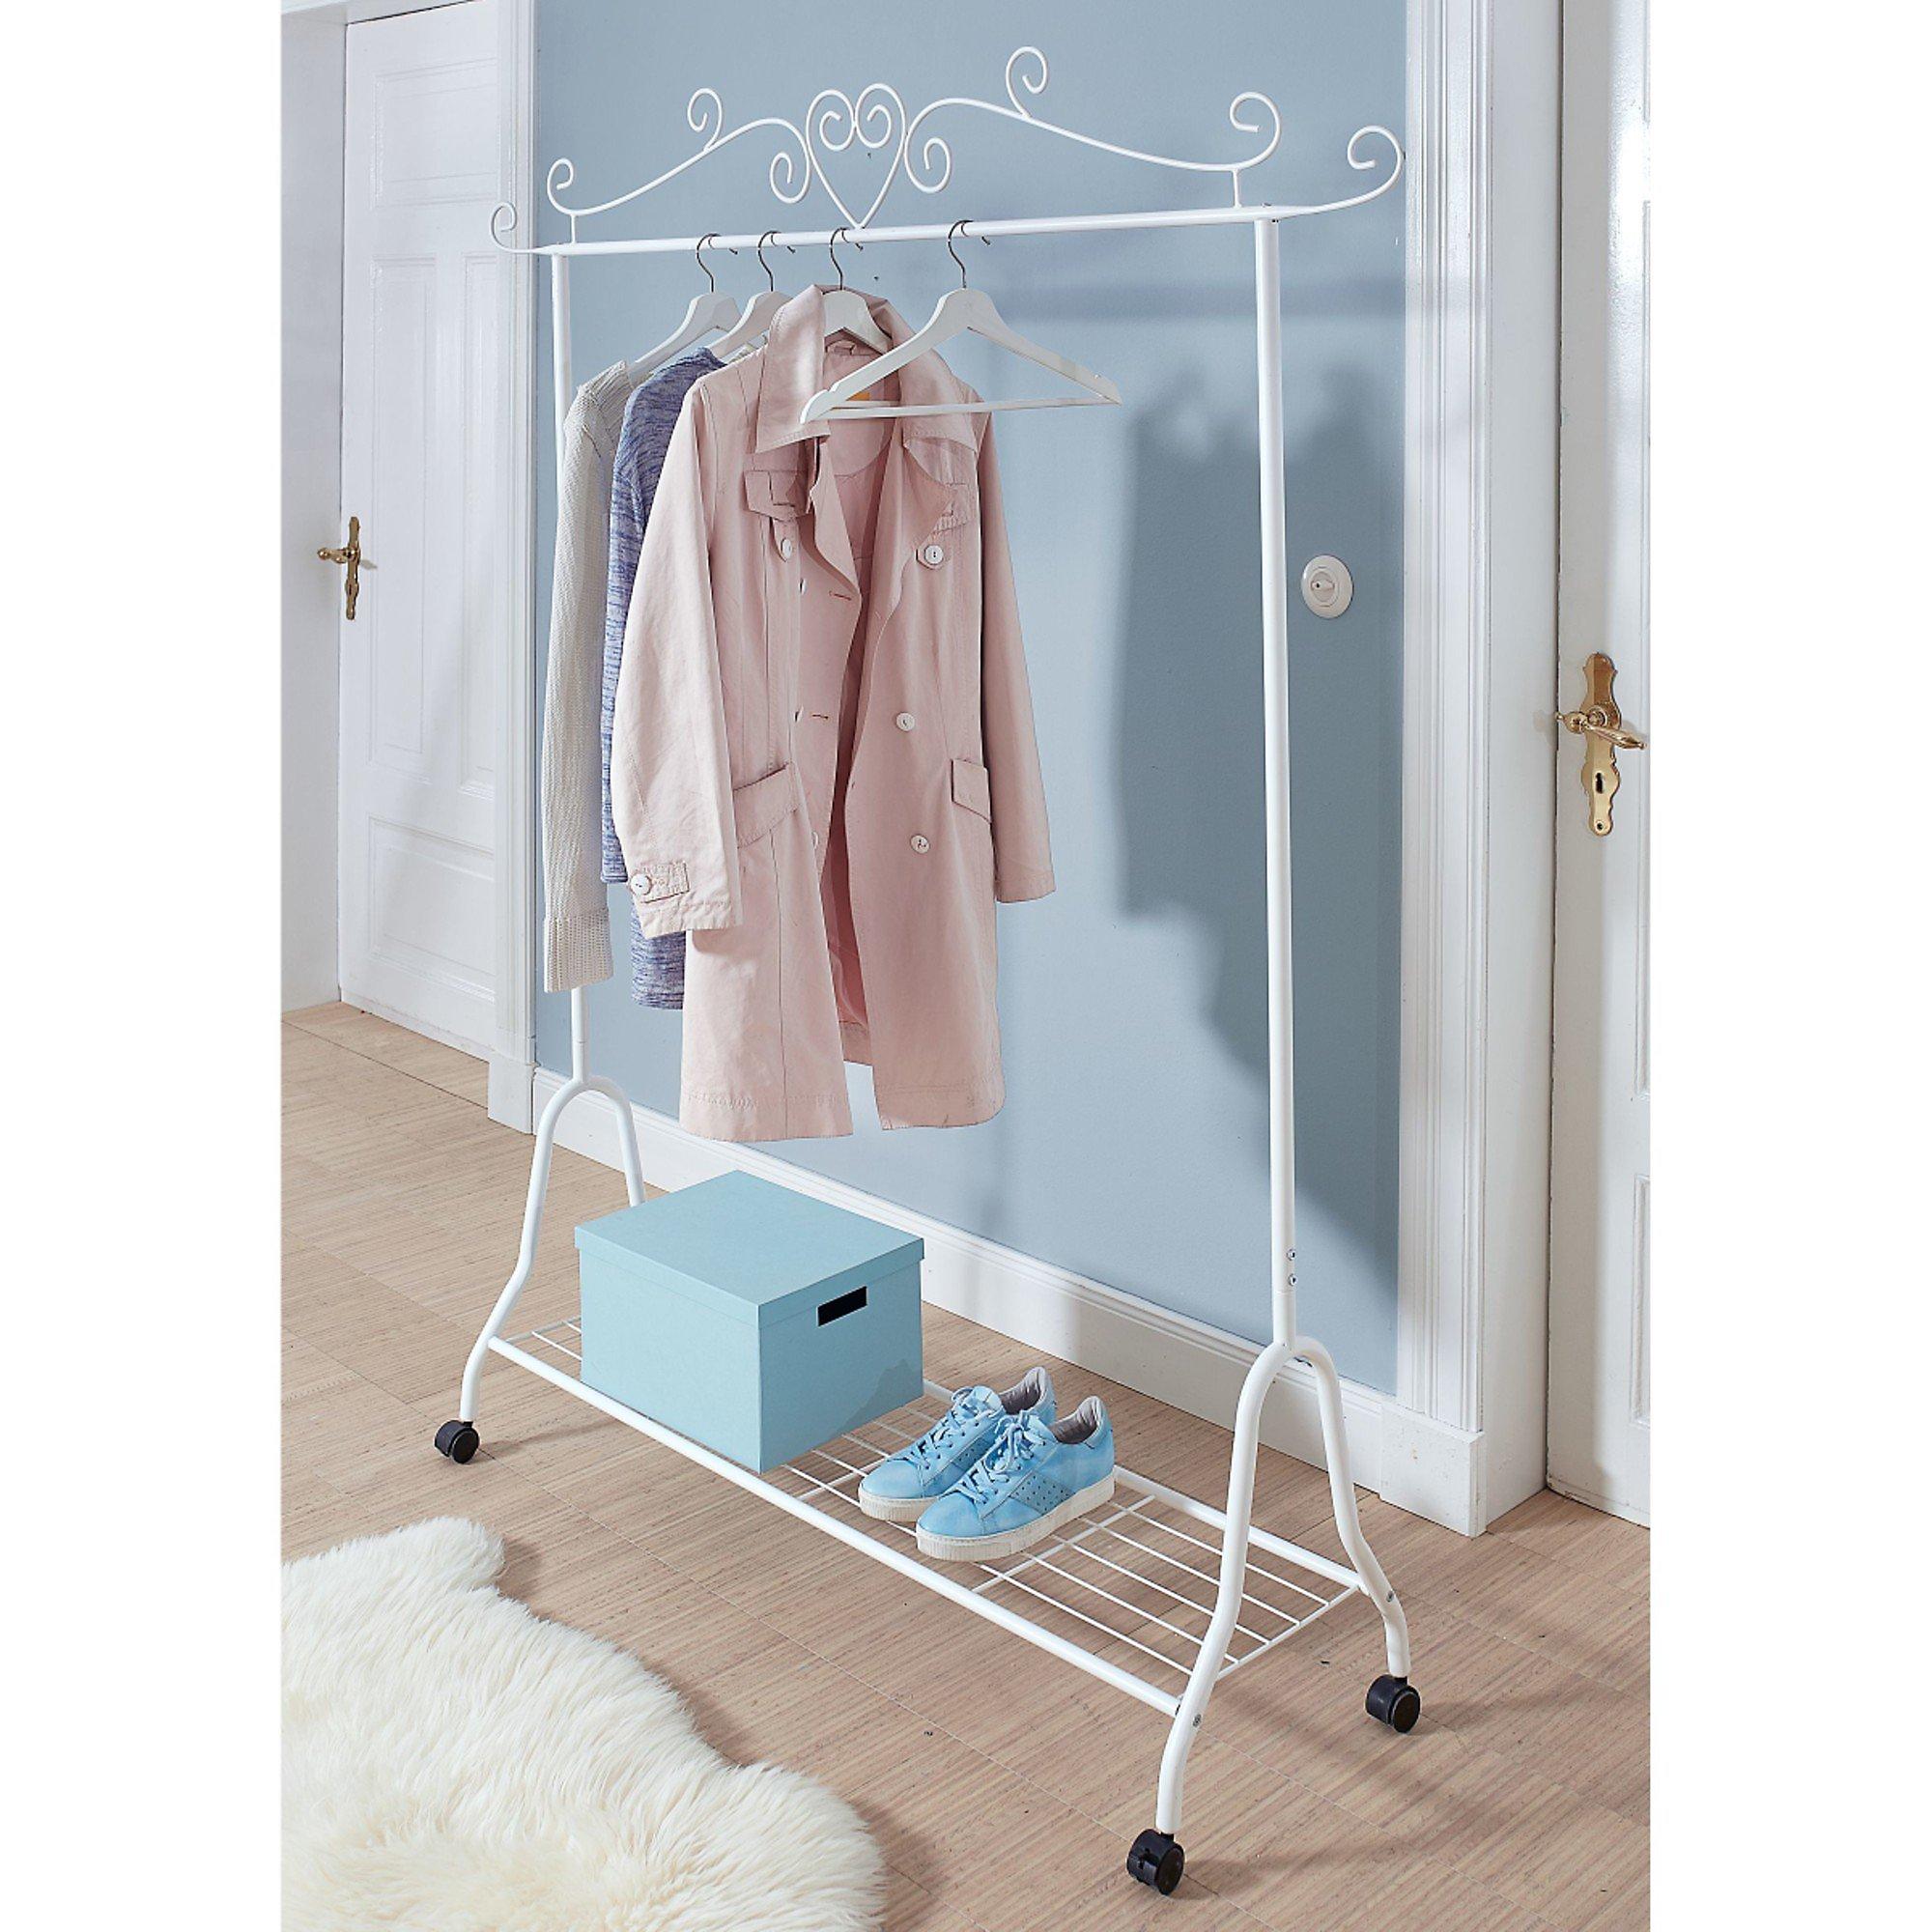 miavilla kleiderst nder auf rollen olin wei. Black Bedroom Furniture Sets. Home Design Ideas